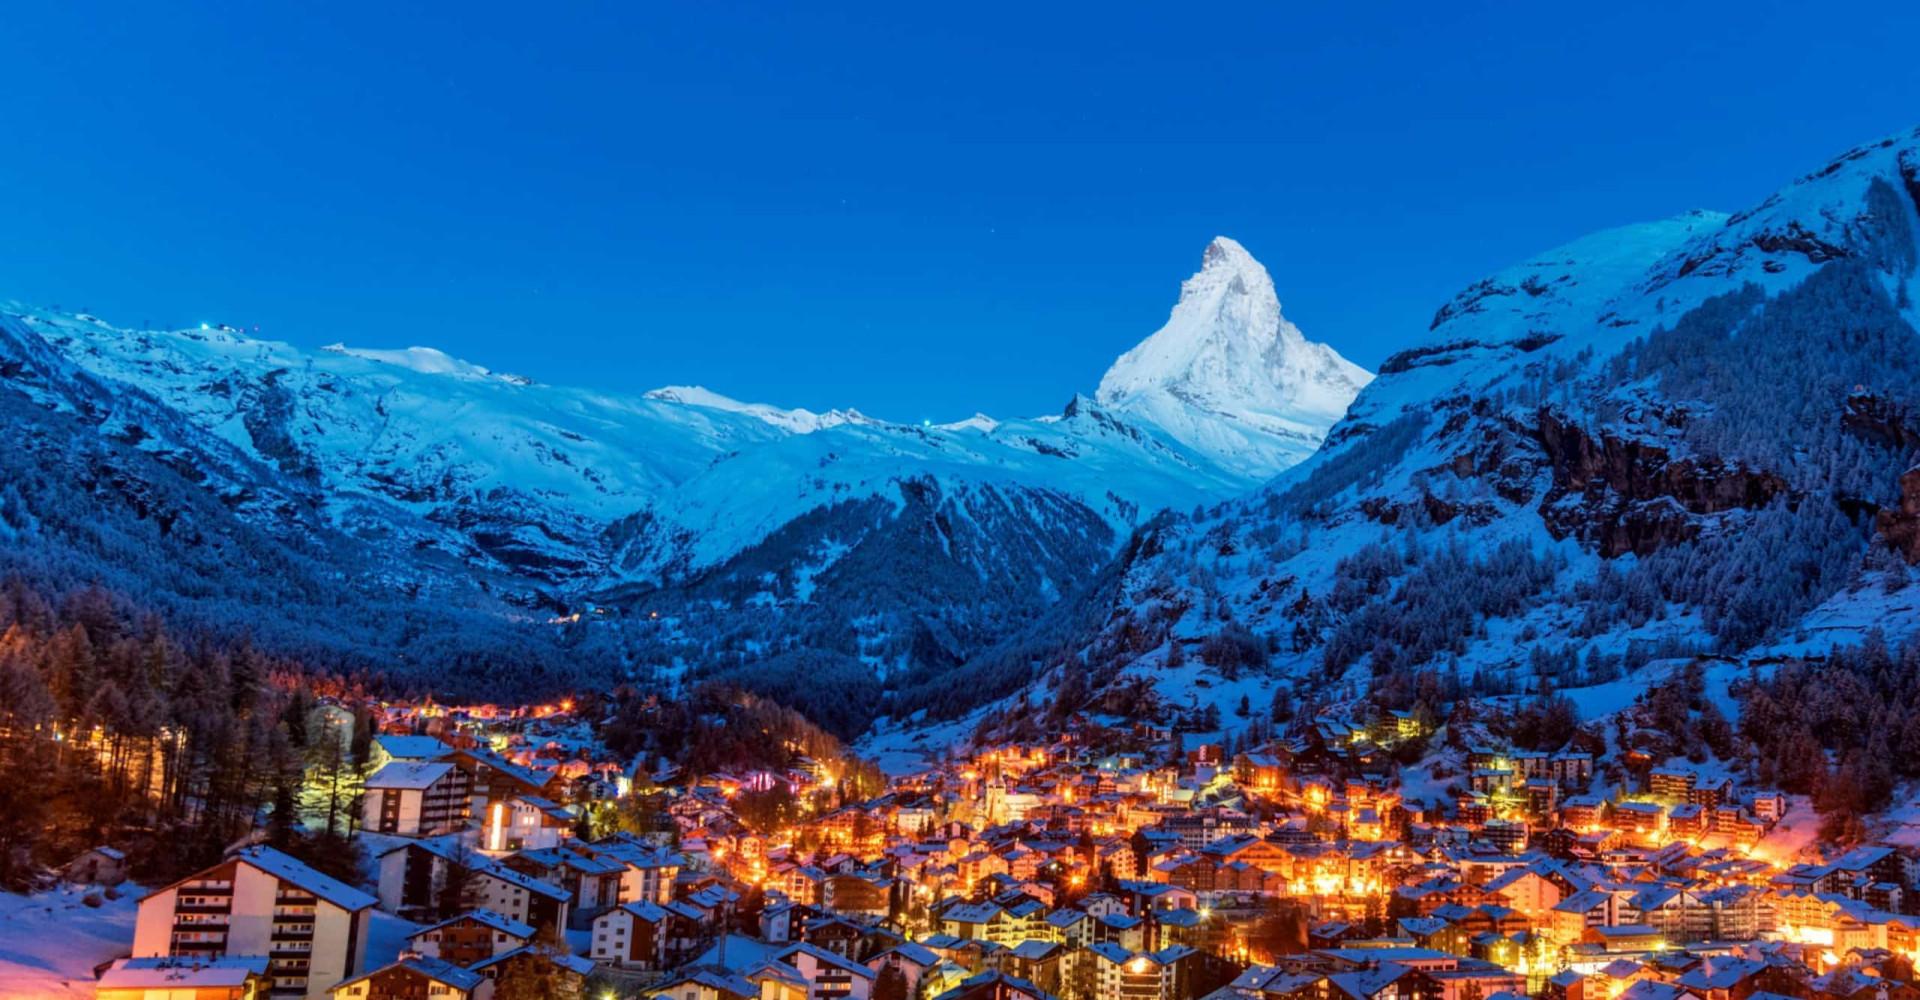 Zoning out in Zermatt